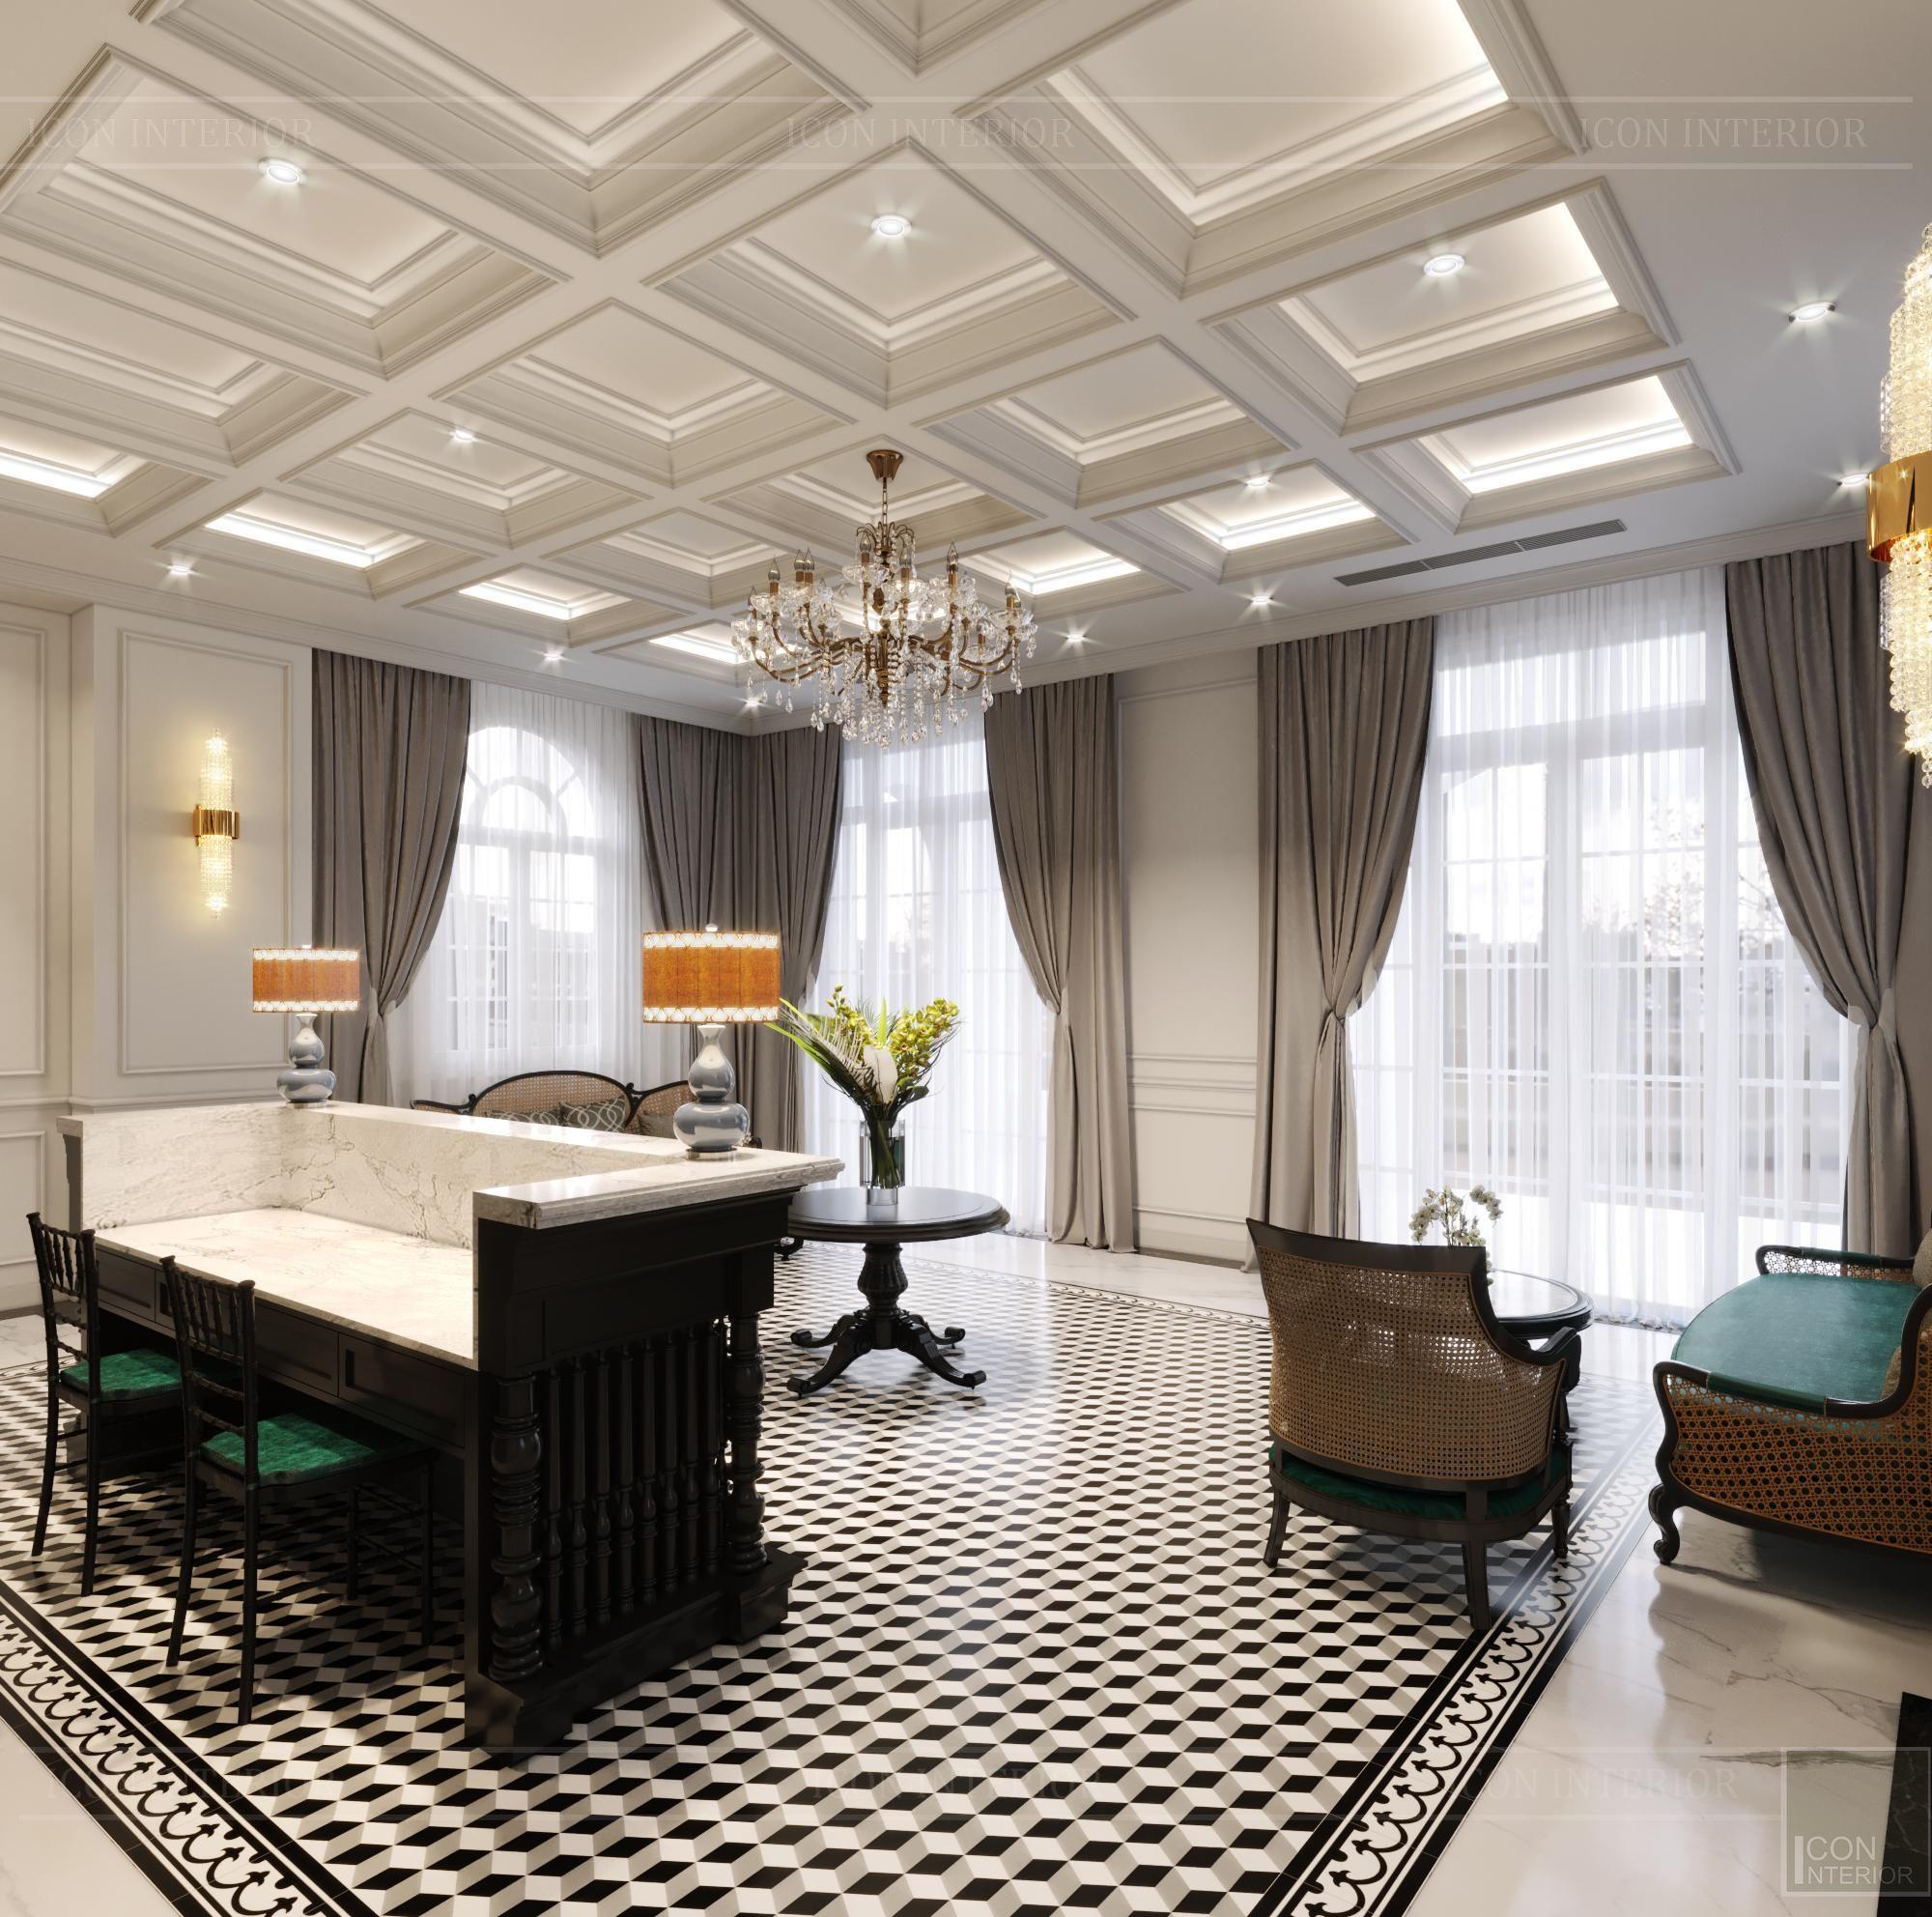 Thiết kế nội thất Khách Sạn tại Lâm Đồng HUYNH THUC KHANG HOTEL Da Lat 1582874165 1